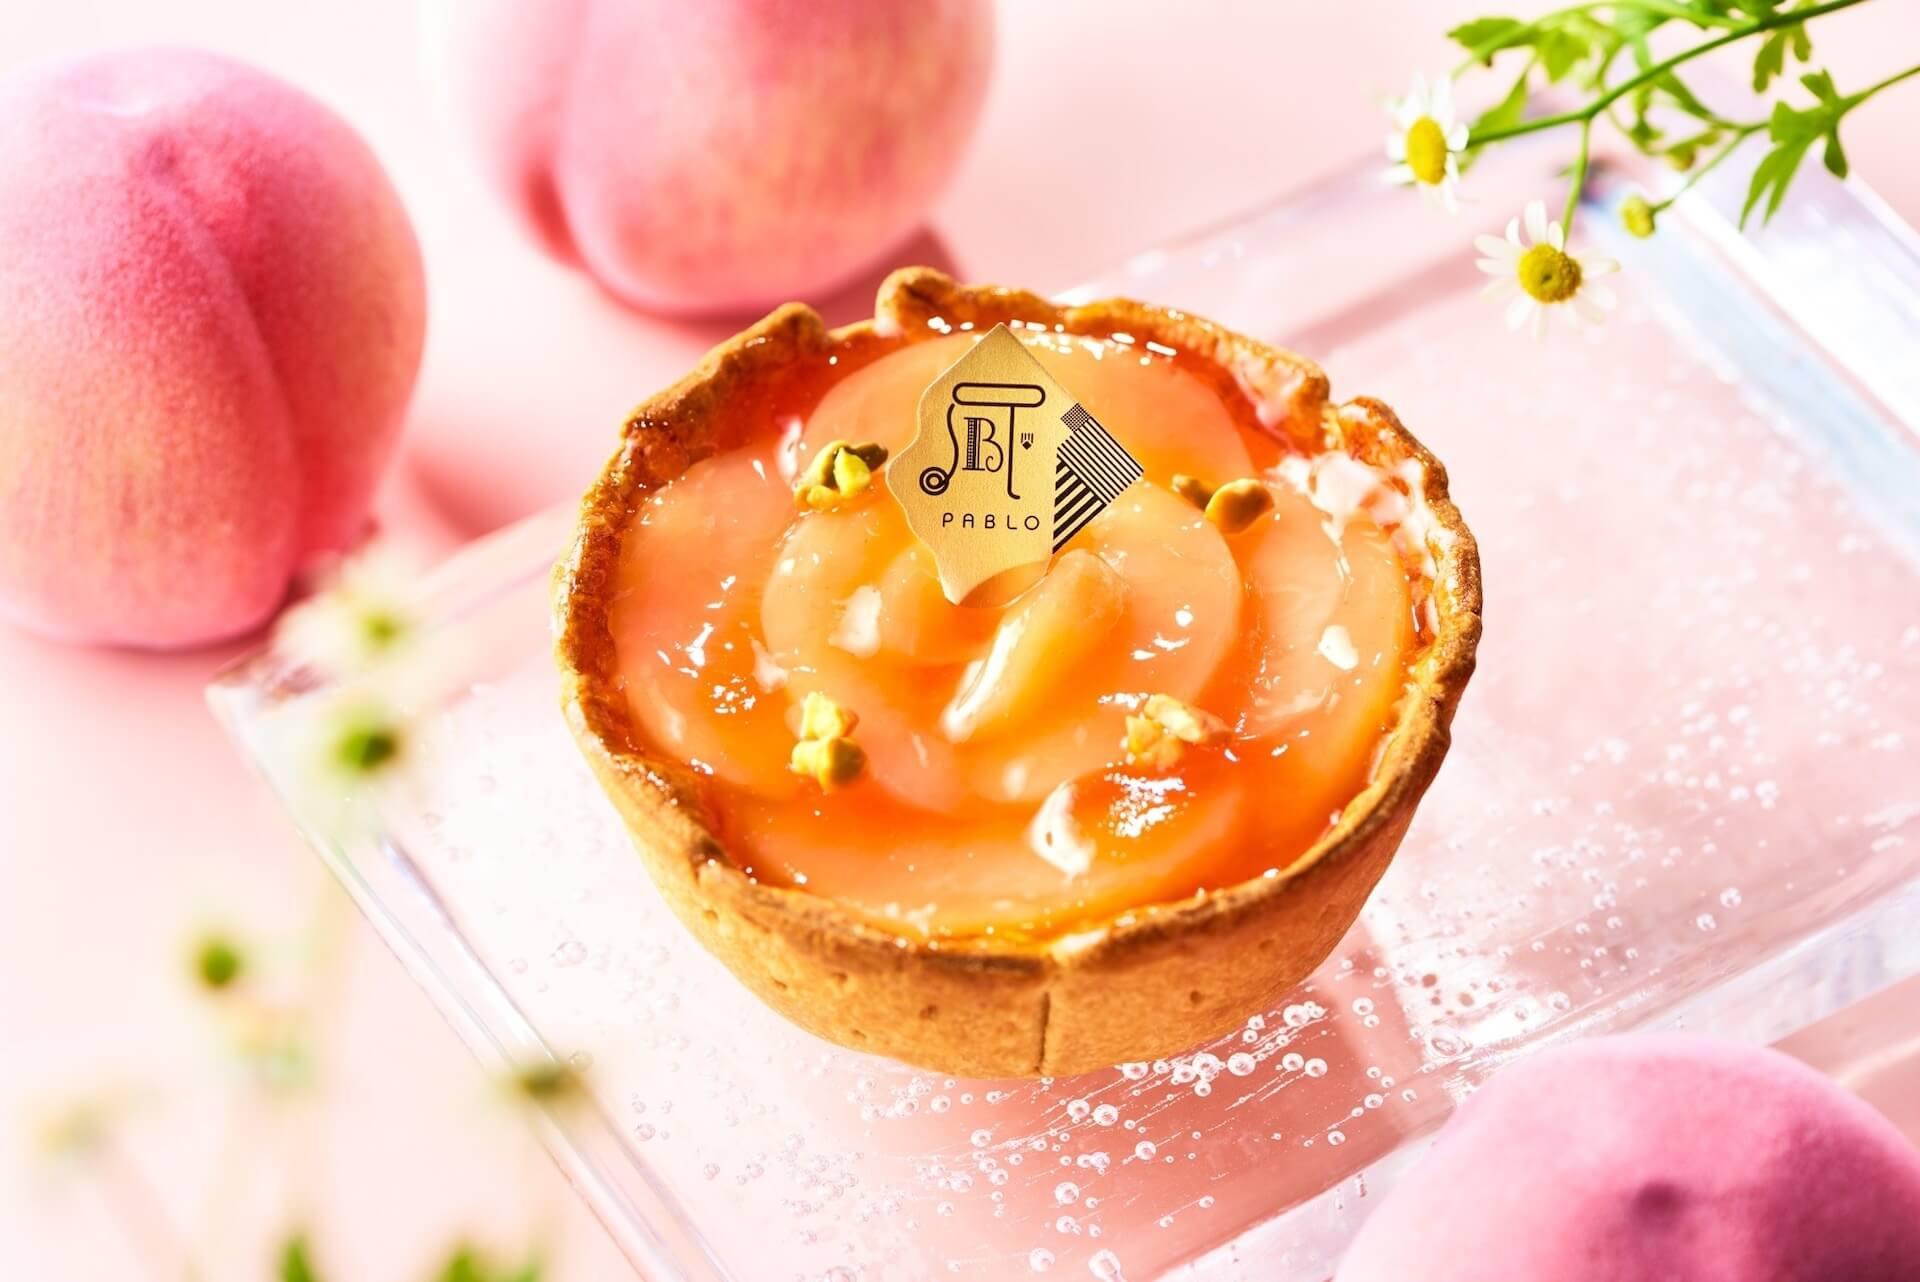 ワンコインで楽しめる新作チーズタルトがPABLOから登場!『白桃とヨーグルト』&『チョコレート』が小さなサイズに gourmet200420_pablo_04